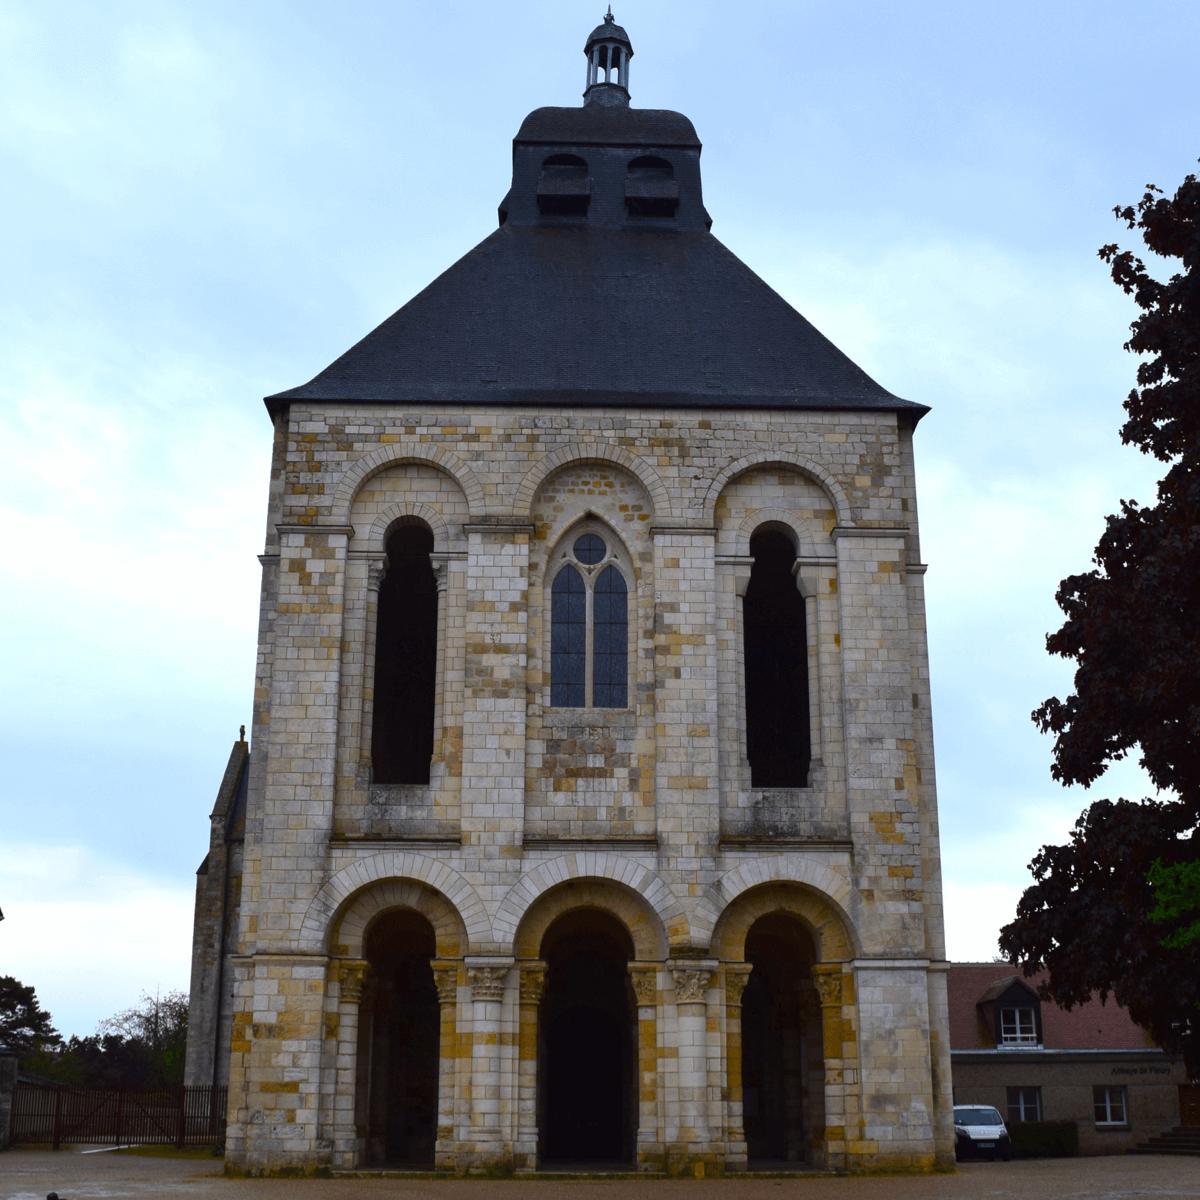 La fameuse tour-porche de l'abbaye de Fleury - Divine Box